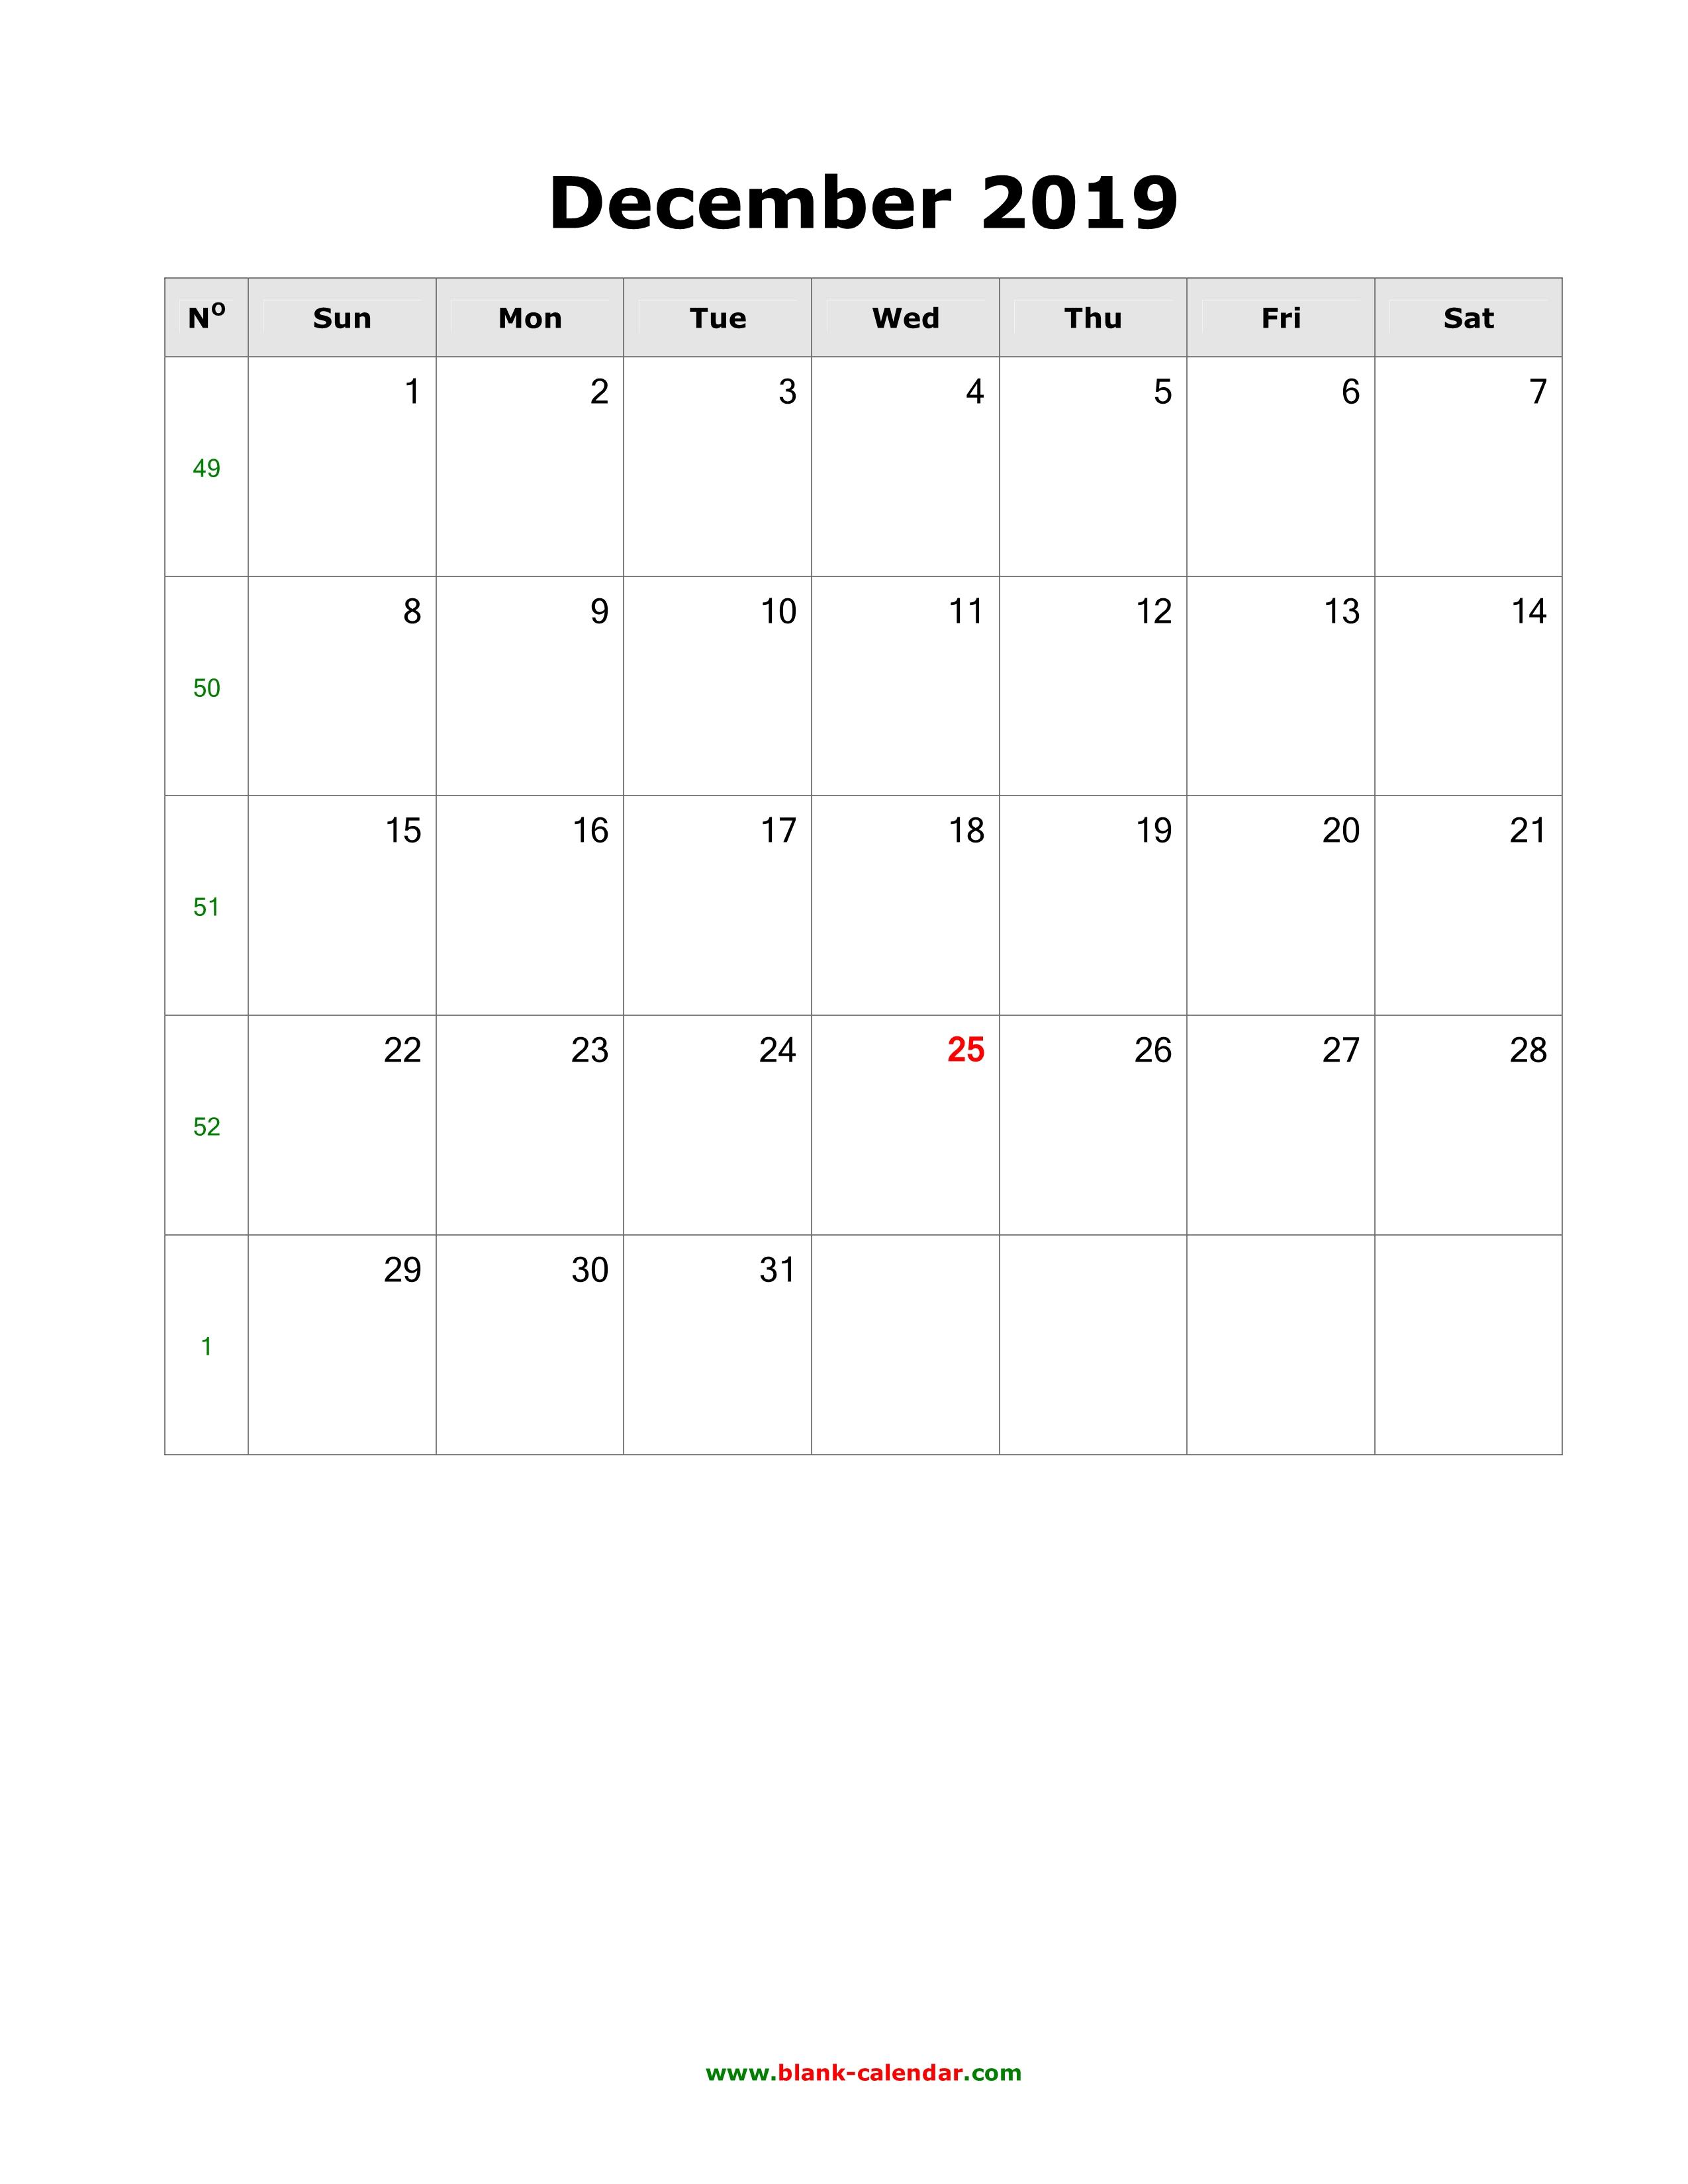 Vertical December 2019 Calendar Download December 2019 Blank Calendar (vertical)